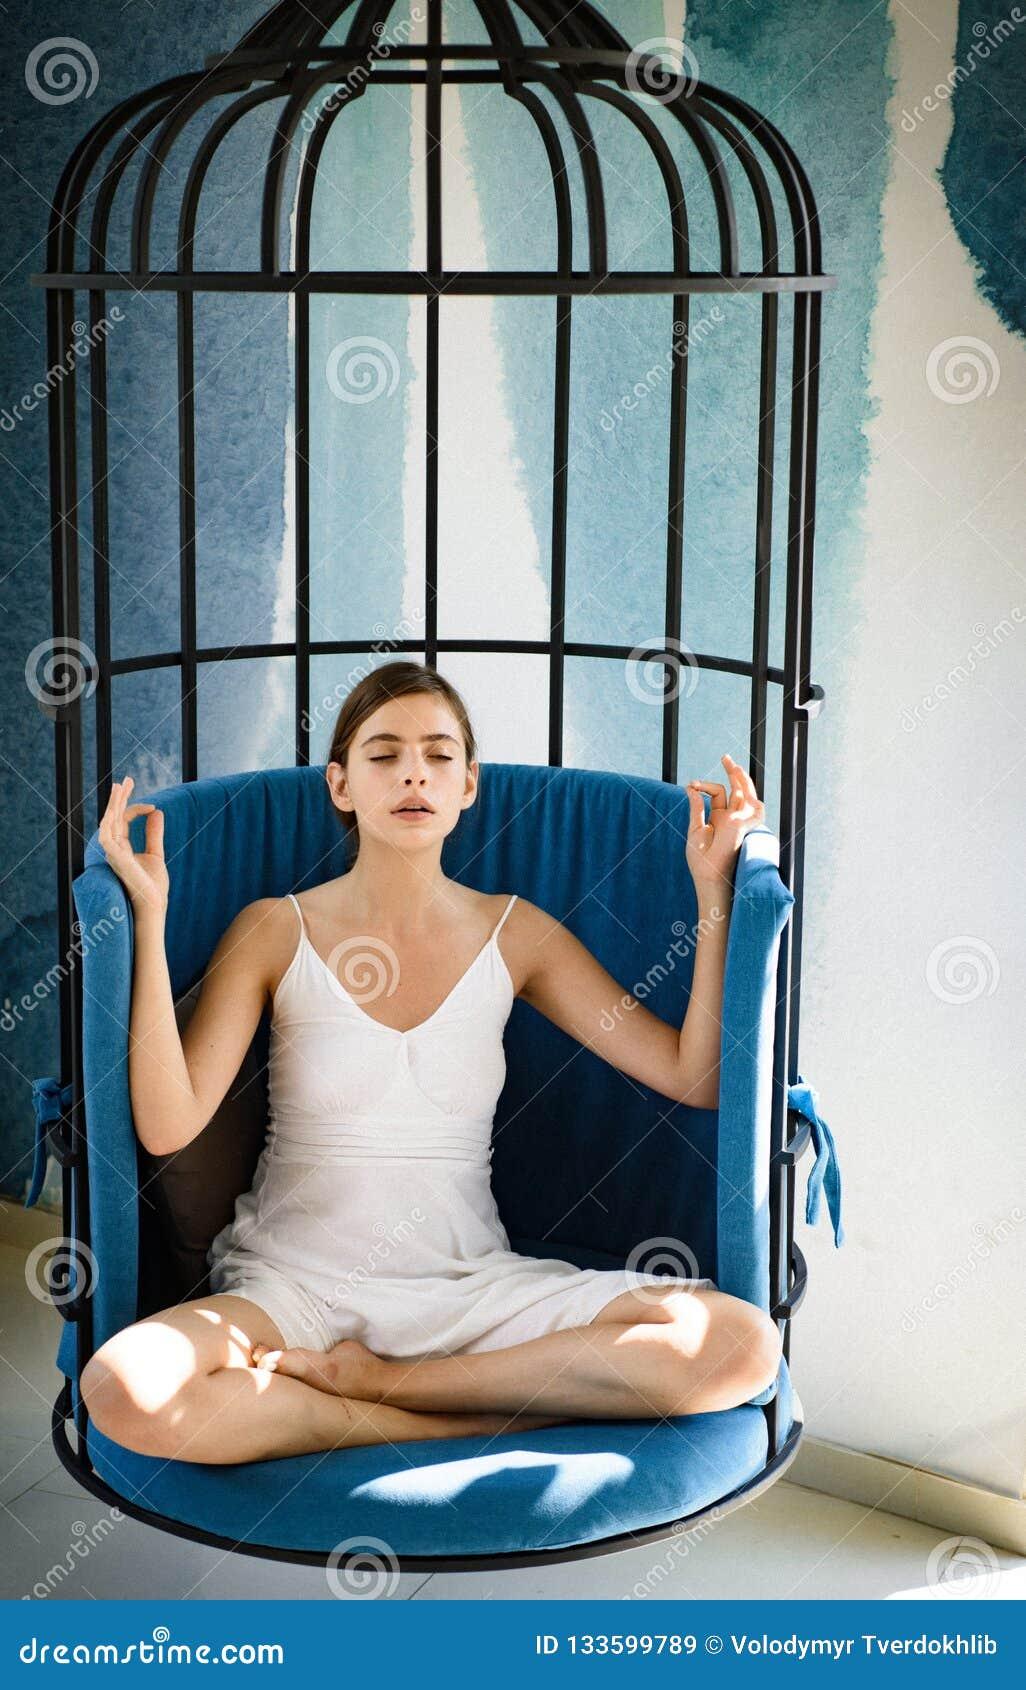 Медитативный и спокойный Милый концентрат женщины и размышлять в стуле Женщина ослабляет в положении лотоса дома довольно